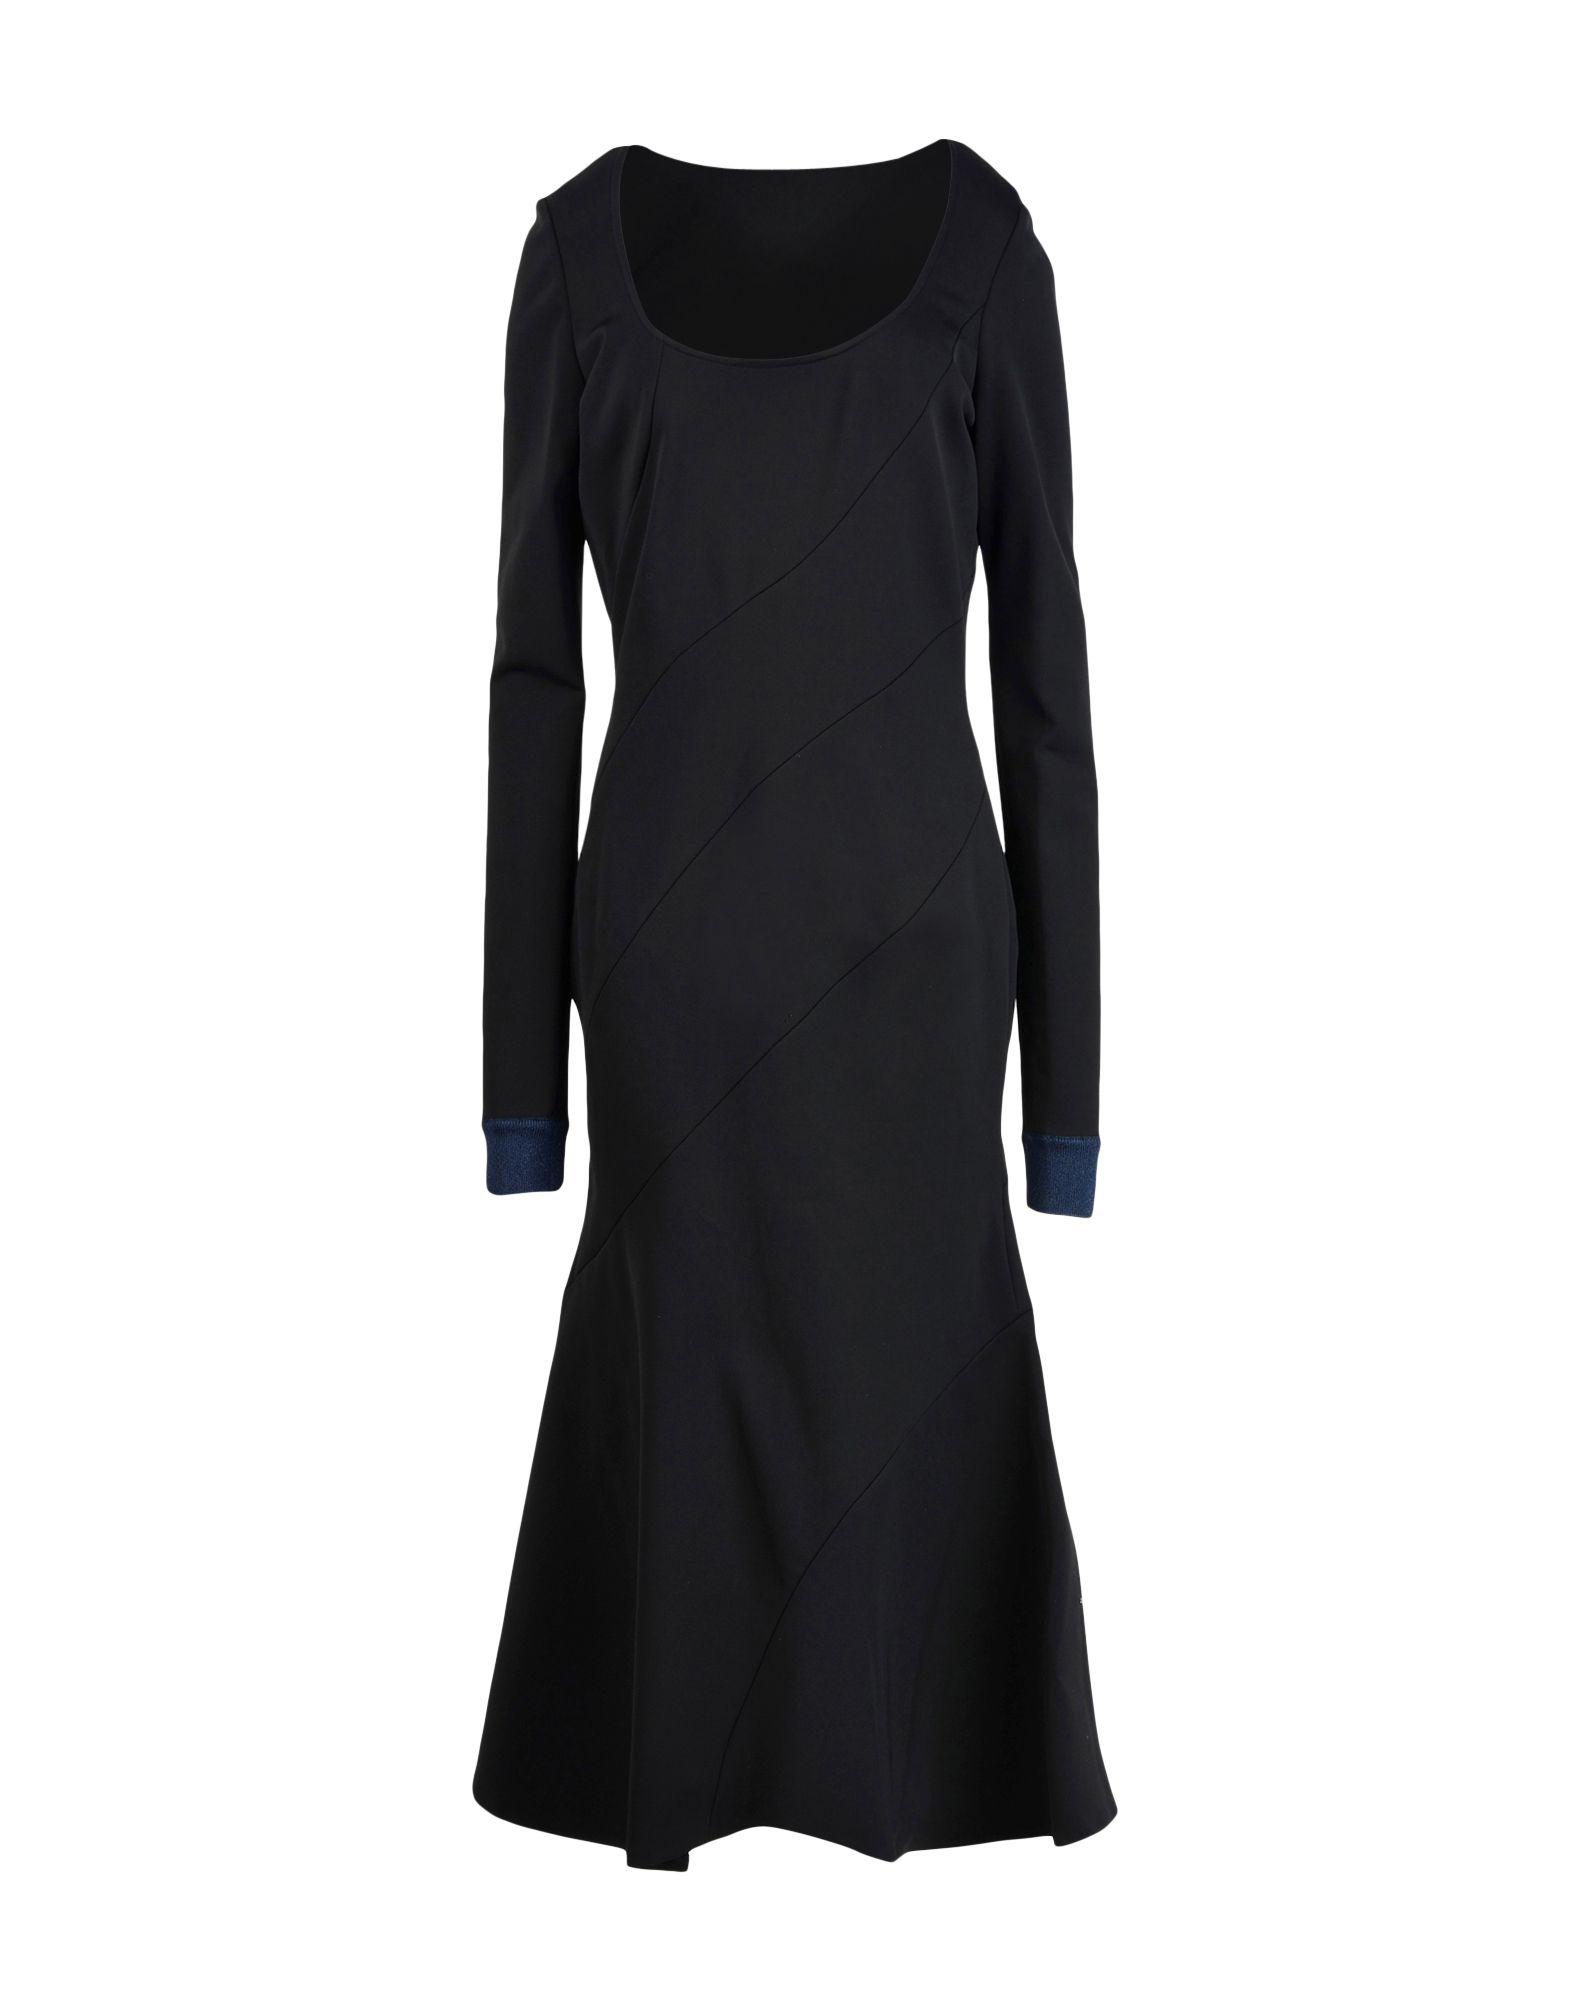 VICTORIA BECKHAM Длинное платье victoria beckham платье от victoria beckham 69775 черный